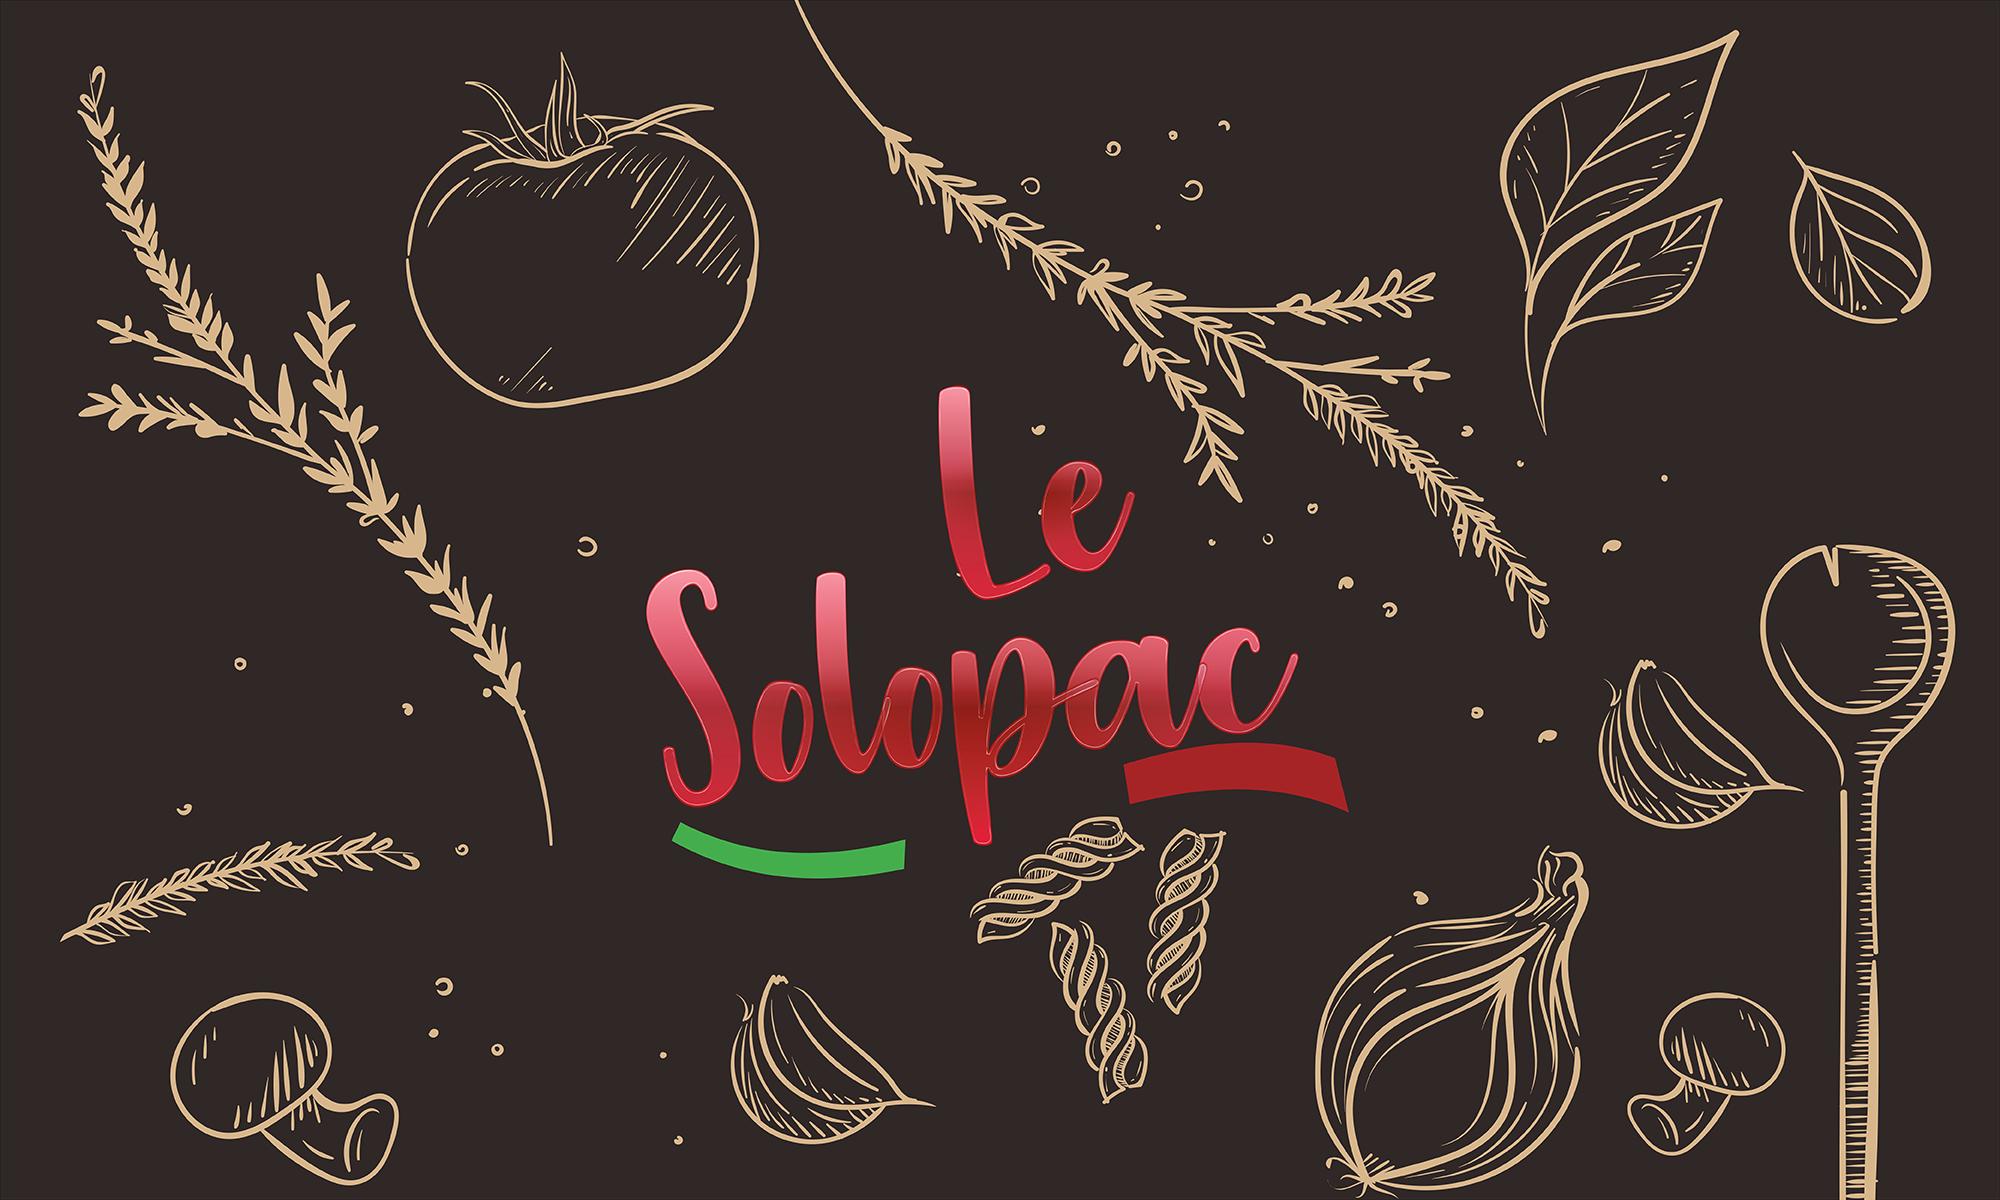 Le Solopac